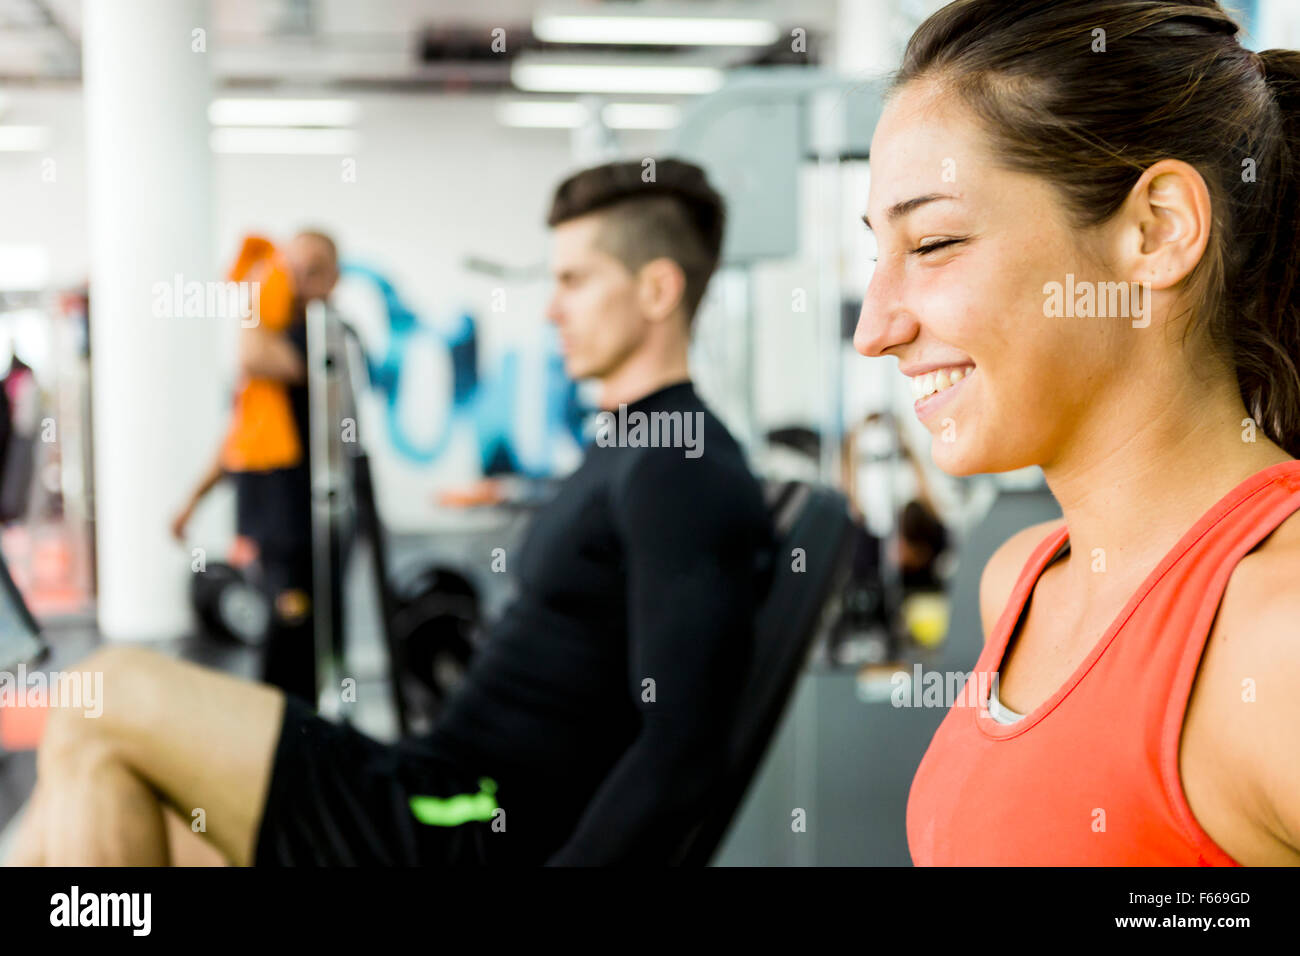 Un hombre hermoso y una hermosa mujer trabajando juntos en un gimnasio y el pegado Imagen De Stock